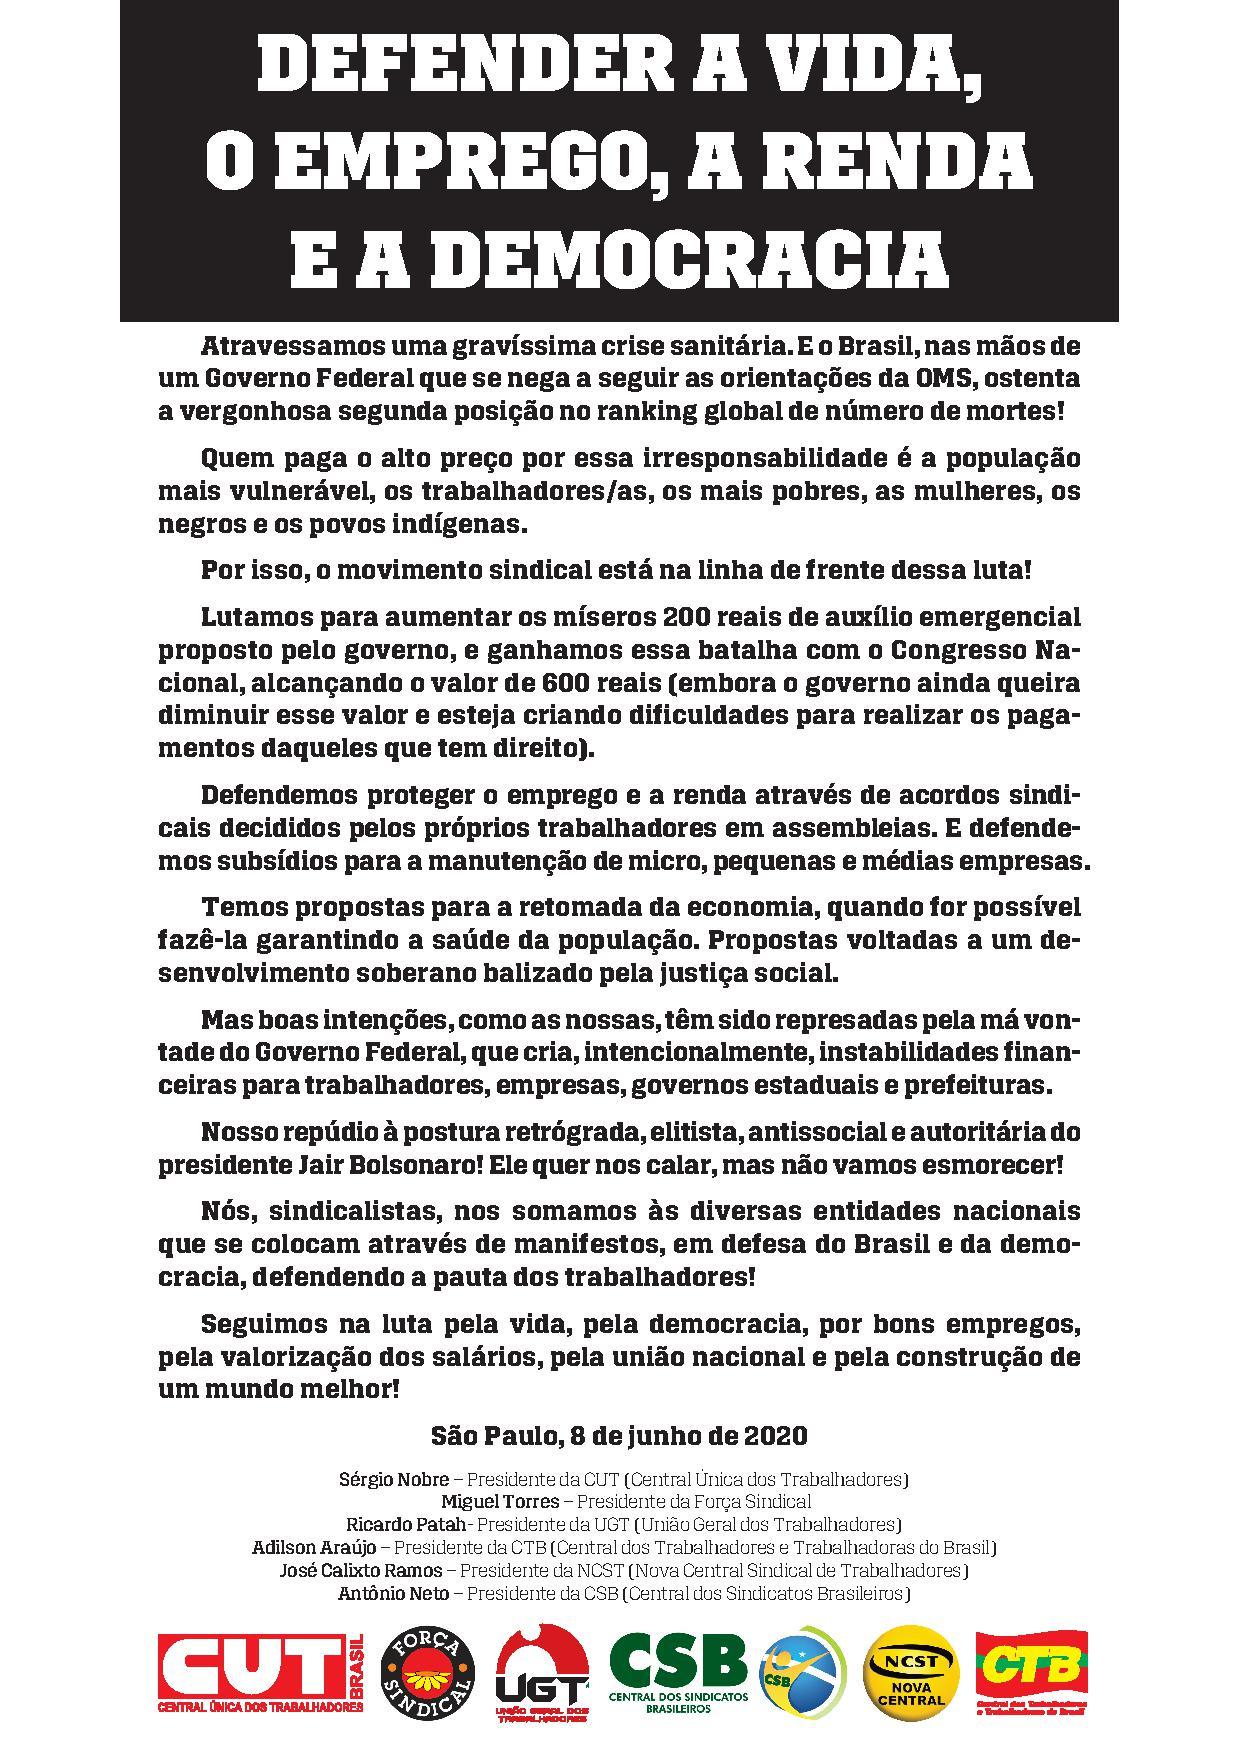 Centrais divulgam manifesto no Jornal Agora!